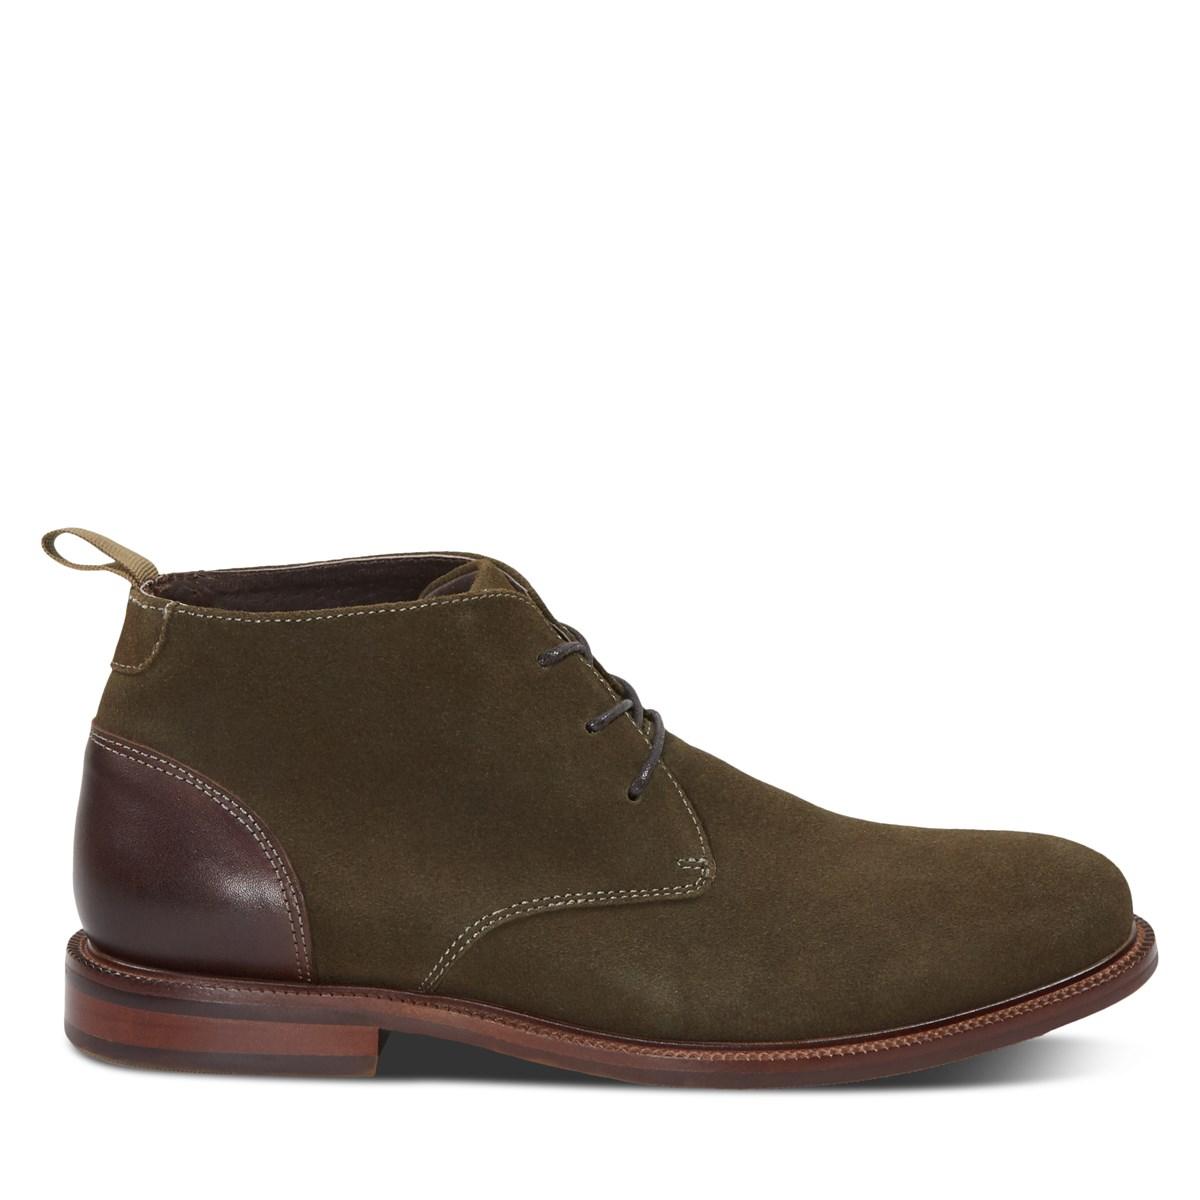 Men's Alexi Chukka Shoes in Dark khaki